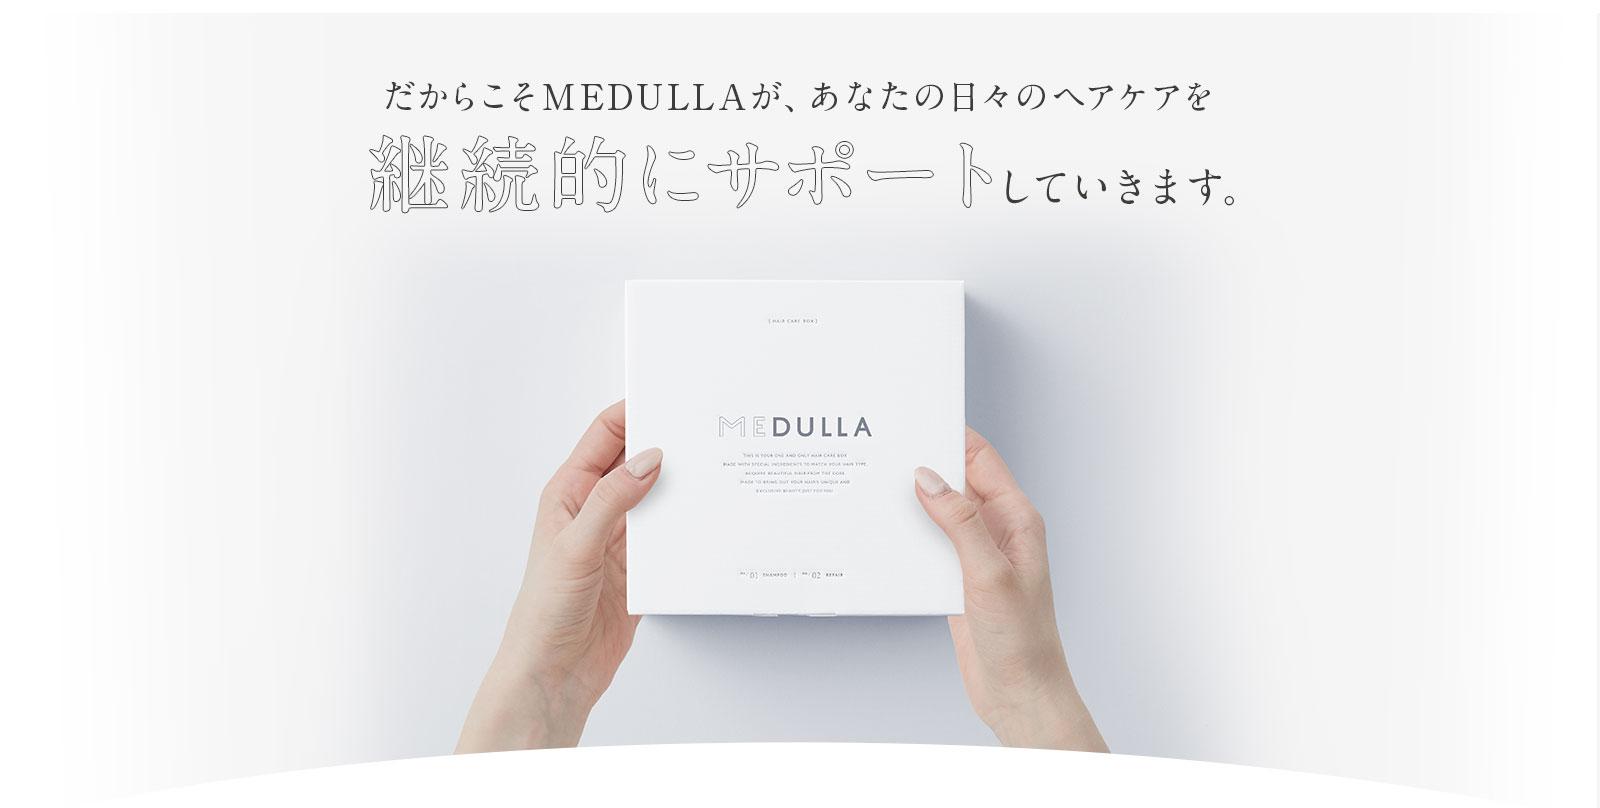 だからこそMEDULLA(メデュラ)があなたの日々のヘアケアを継続的にサポートしていきます